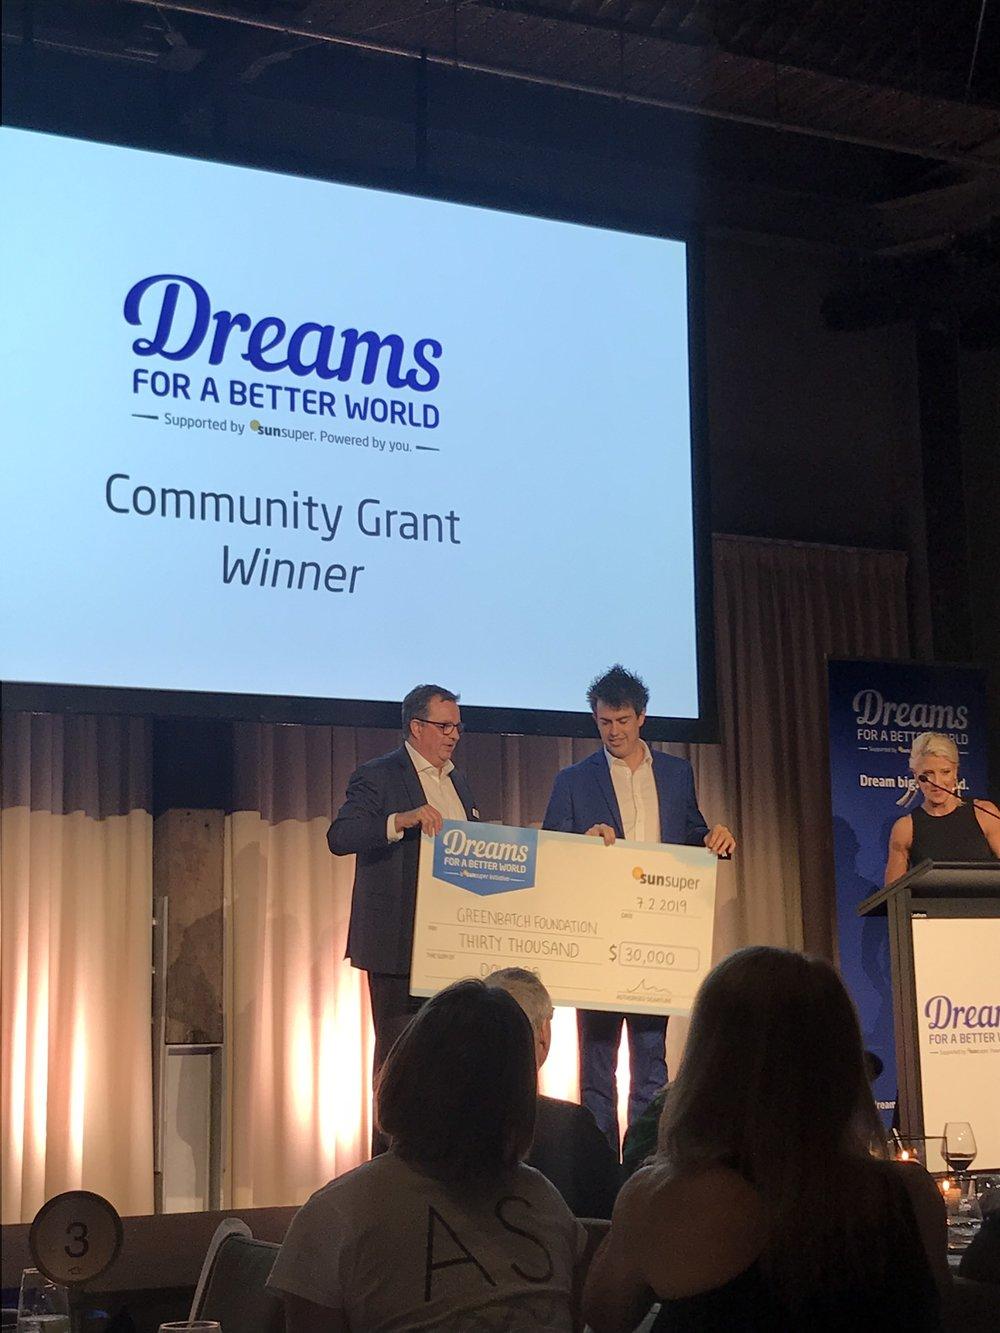 Community Grant Winner